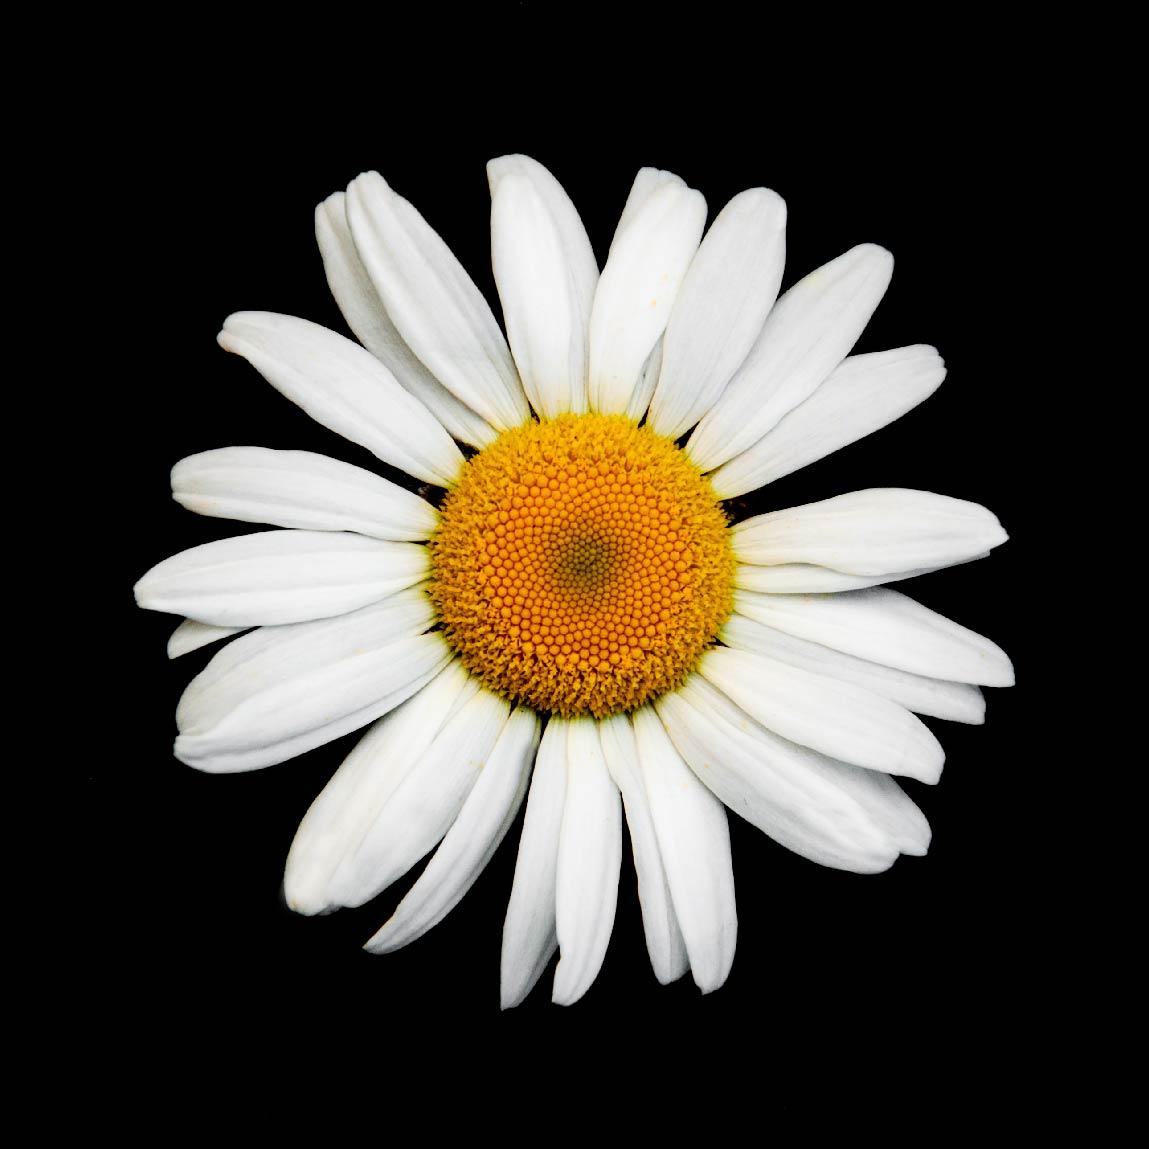 FG Floral - Daisy.jpg